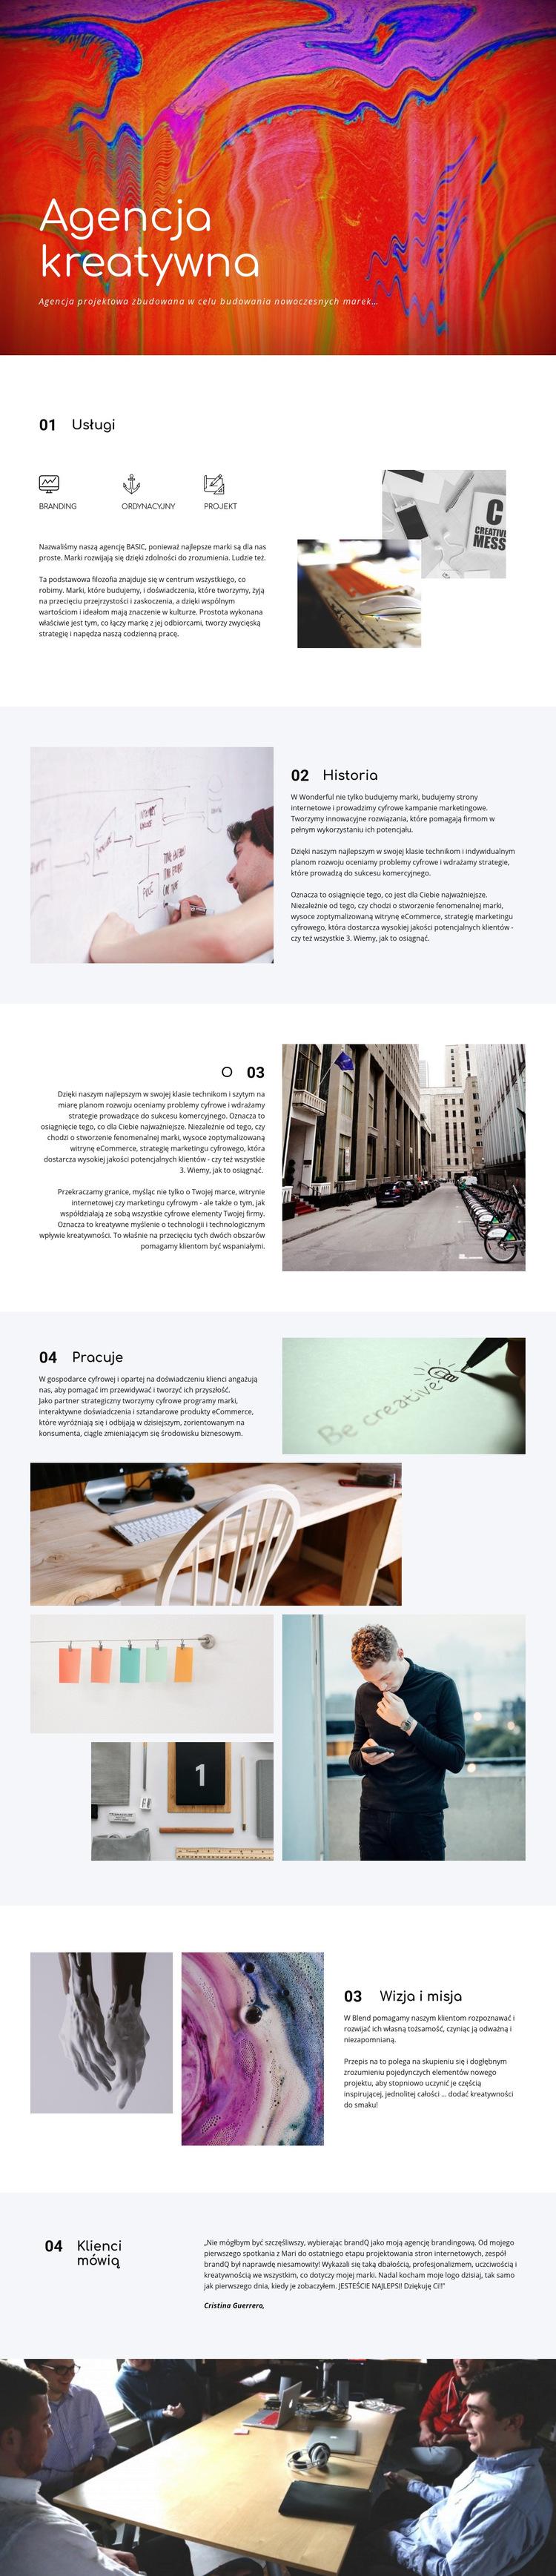 Galeria kreatywna Szablon witryny sieci Web